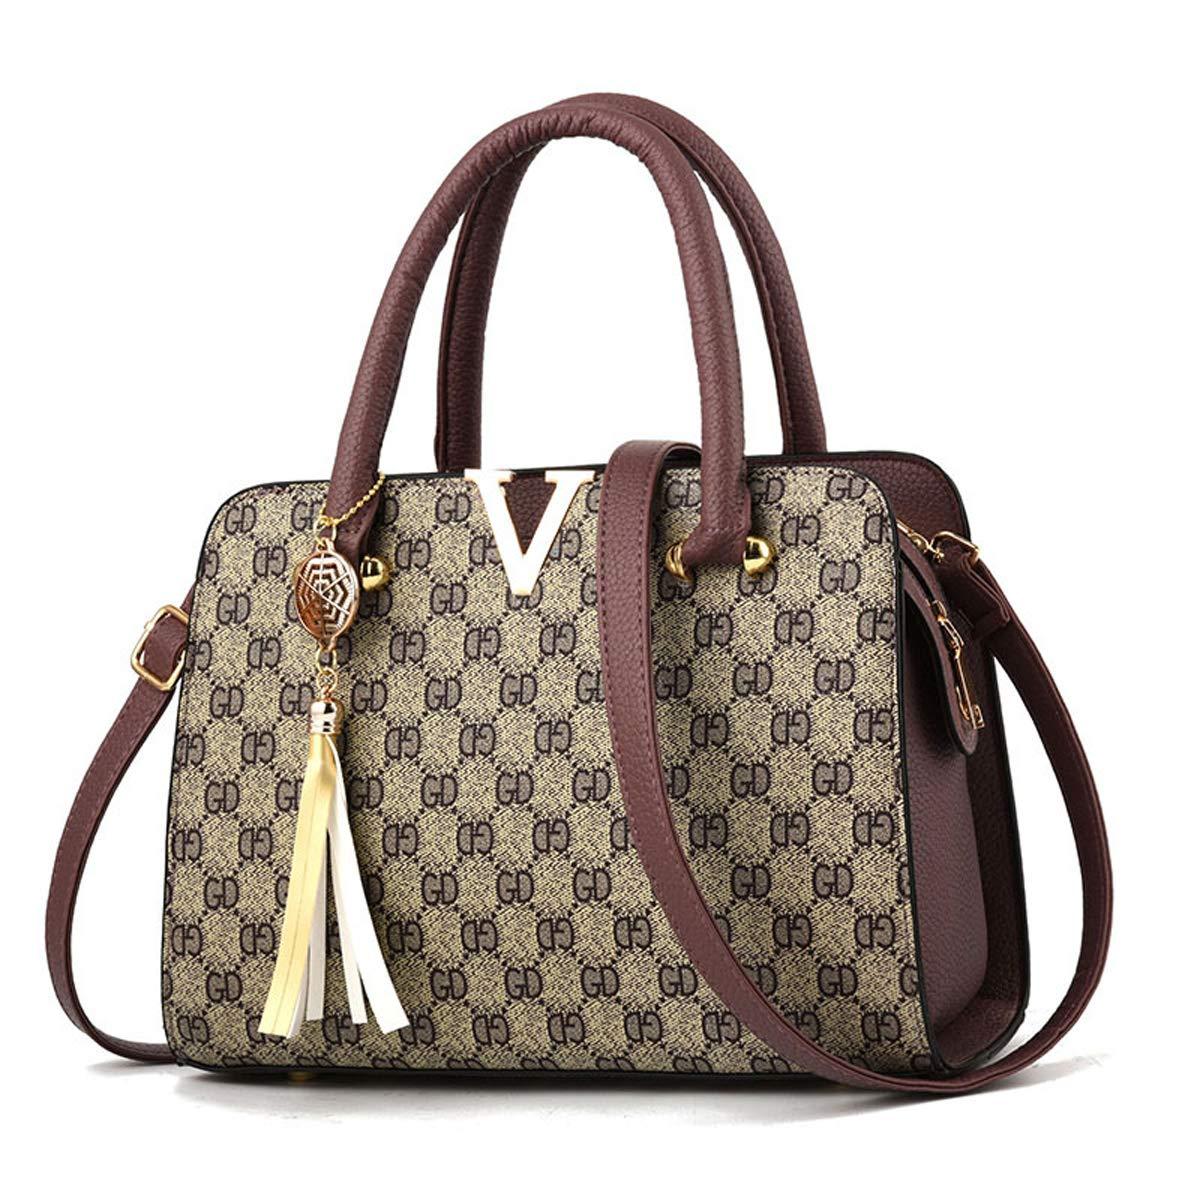 Lila, 20 * 27 * 12.5cm FXTKU 2019 Neu Mode Weibliche tasche Handtasche Umh/ängetasche PU-Handtasche Tasche drucken